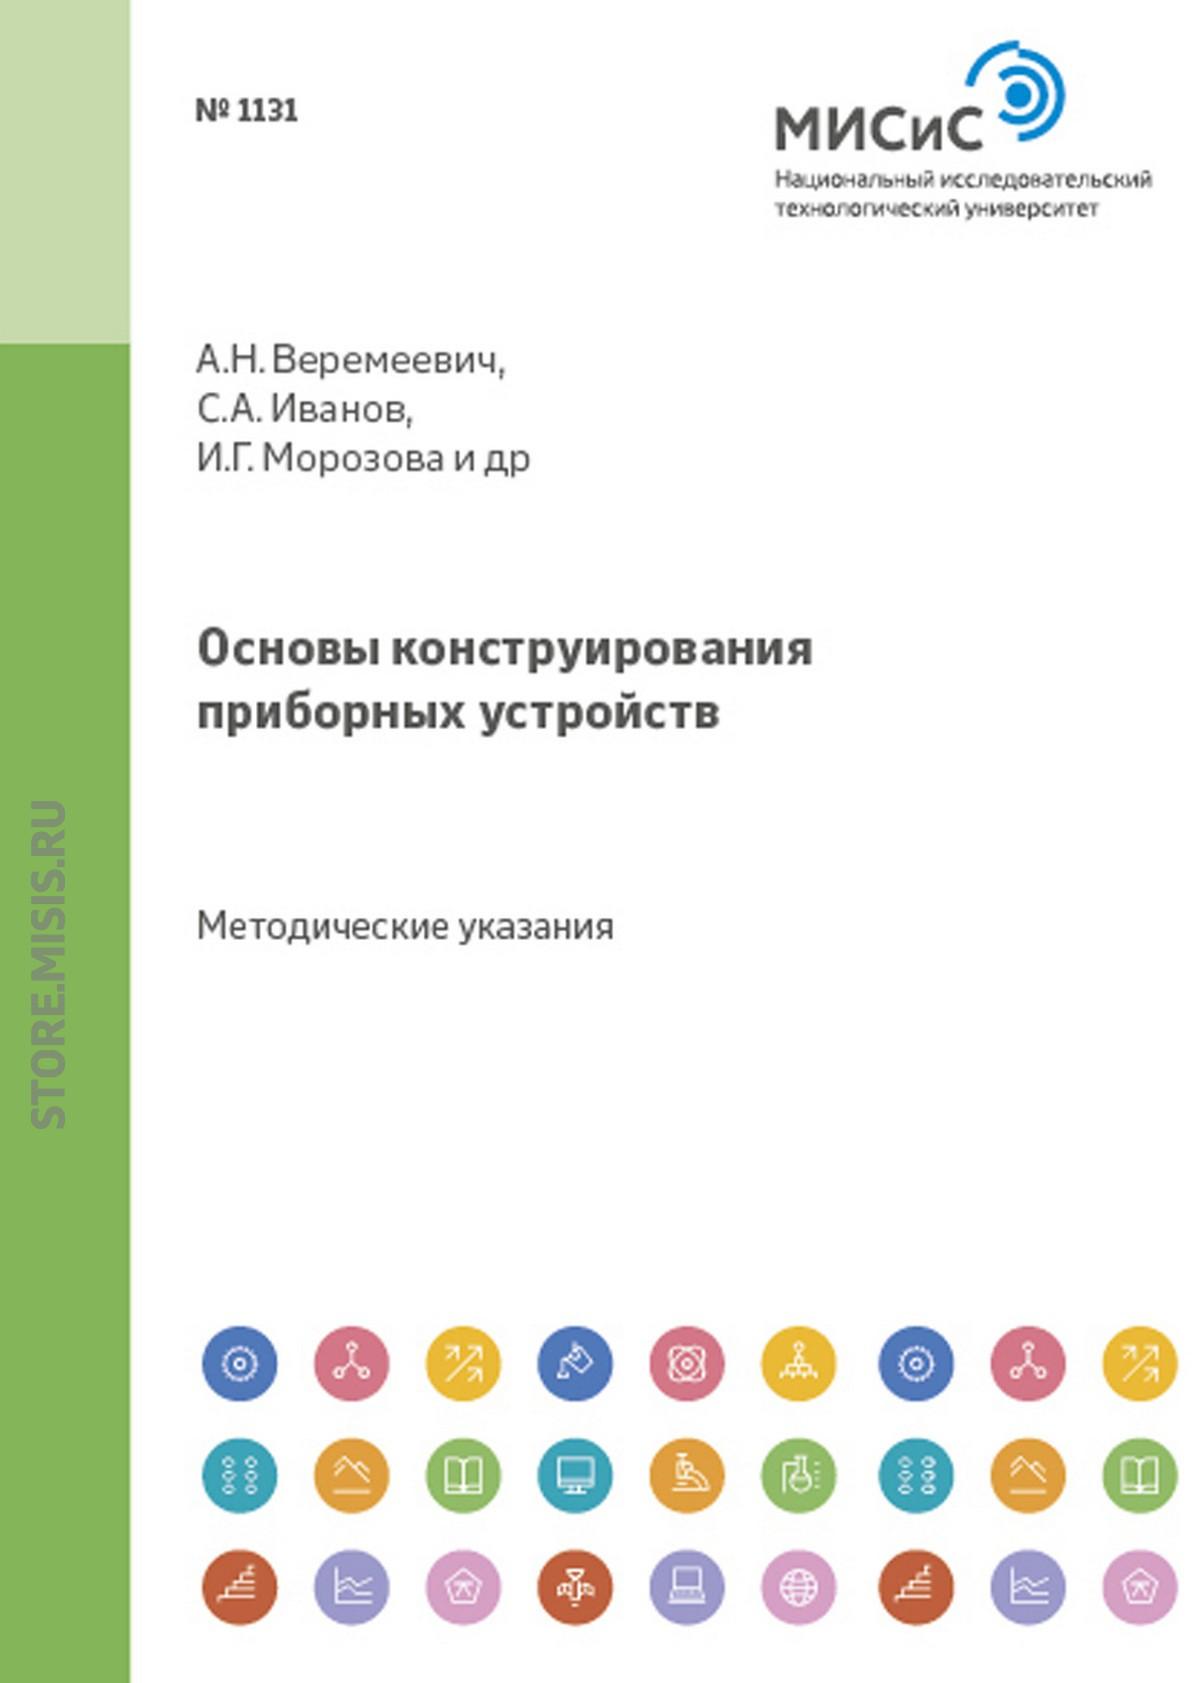 Анатолий Веремеевич Основы конструирования приборных устройств